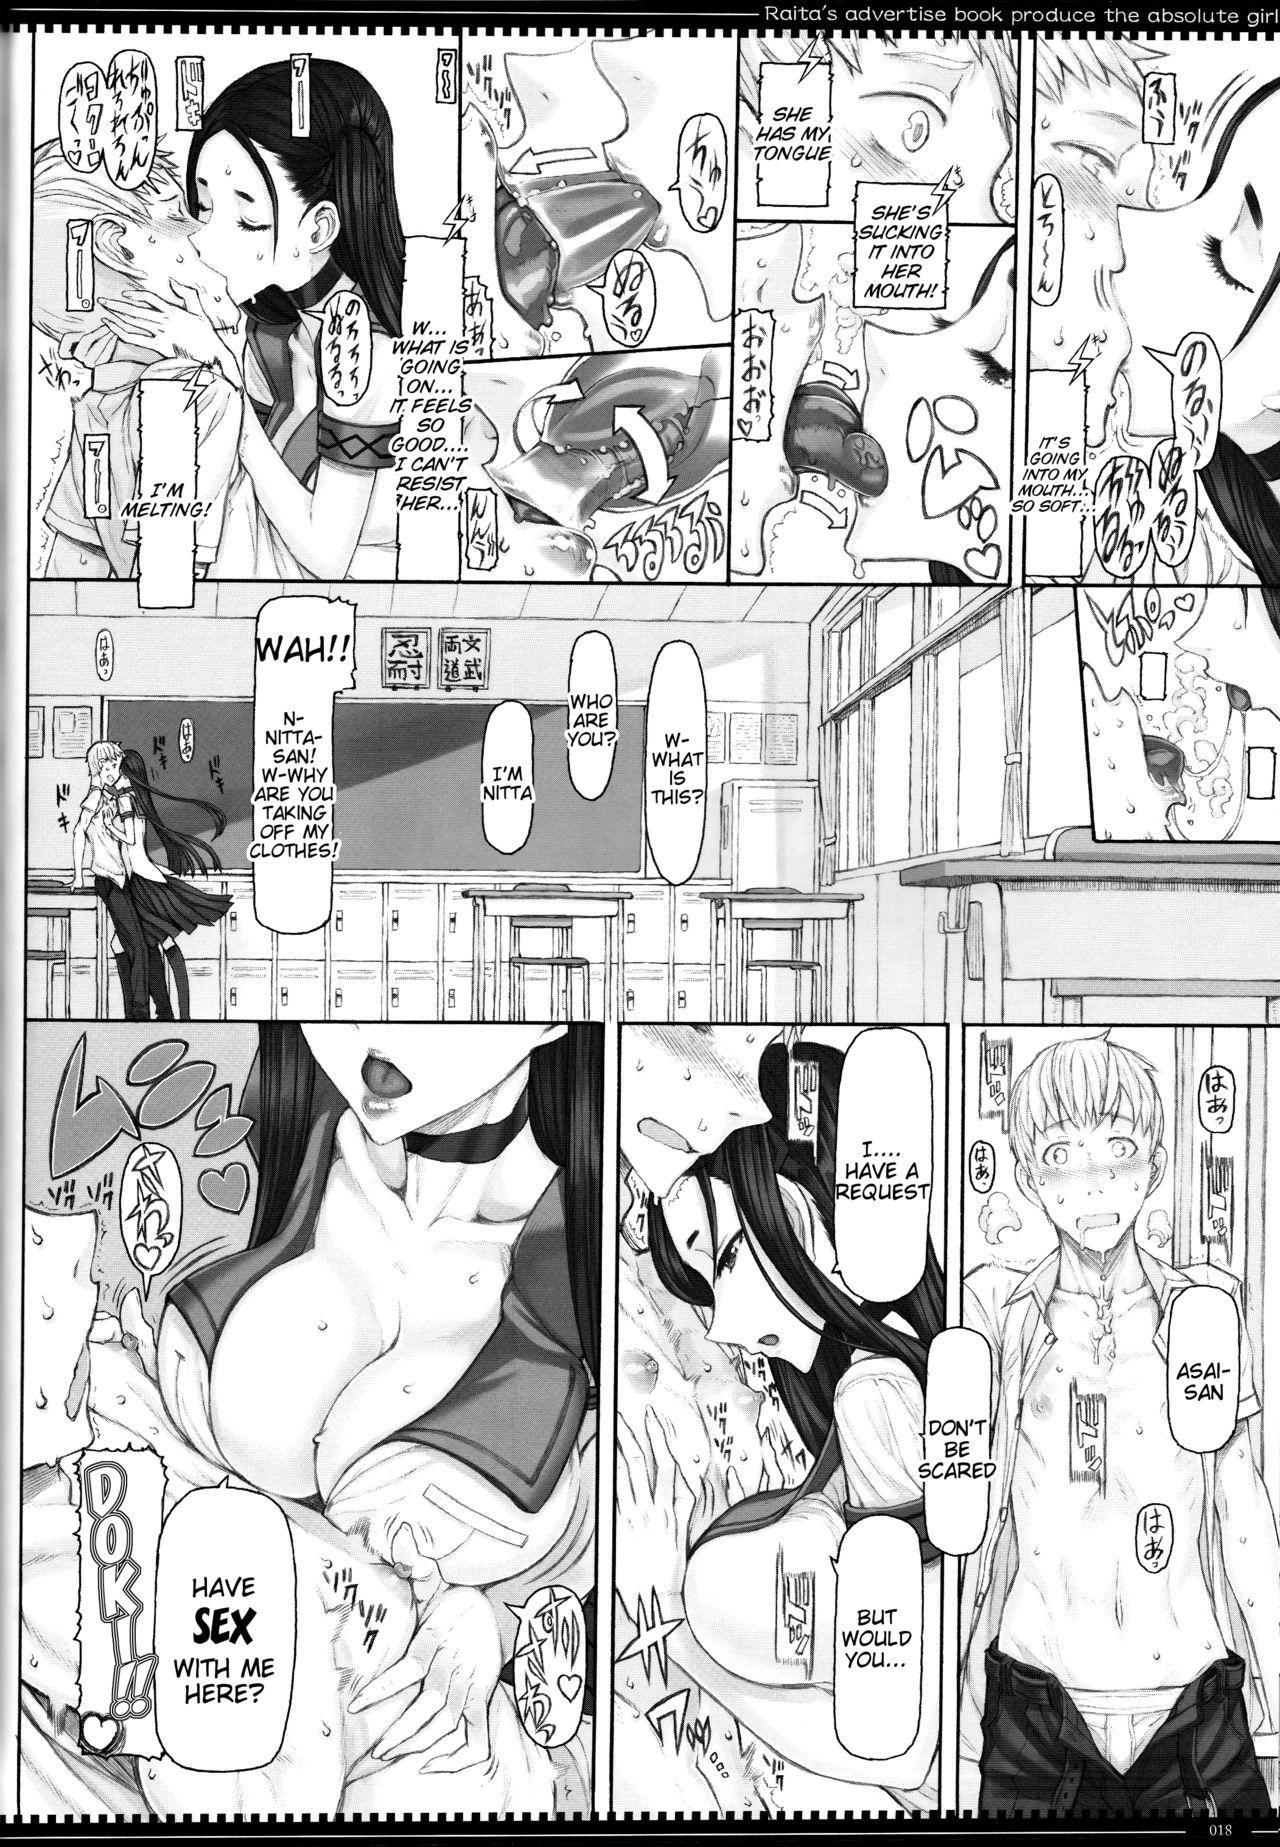 Mahou Shoujo 18.0 16